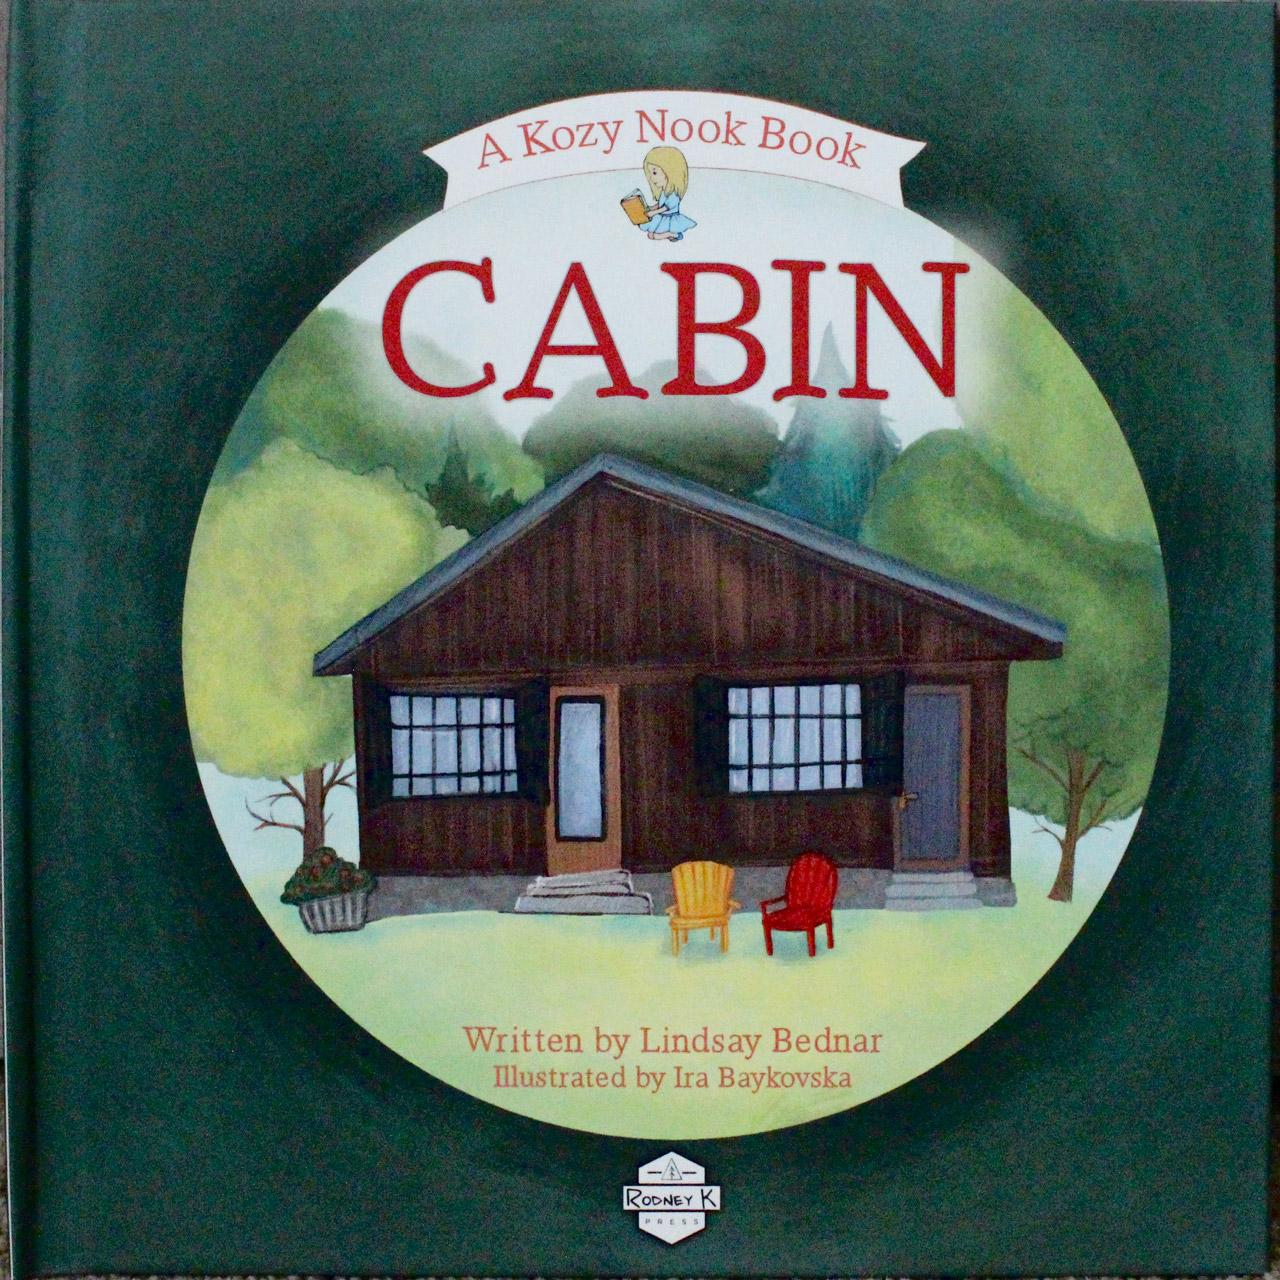 Cabin by Lindsay Bendar